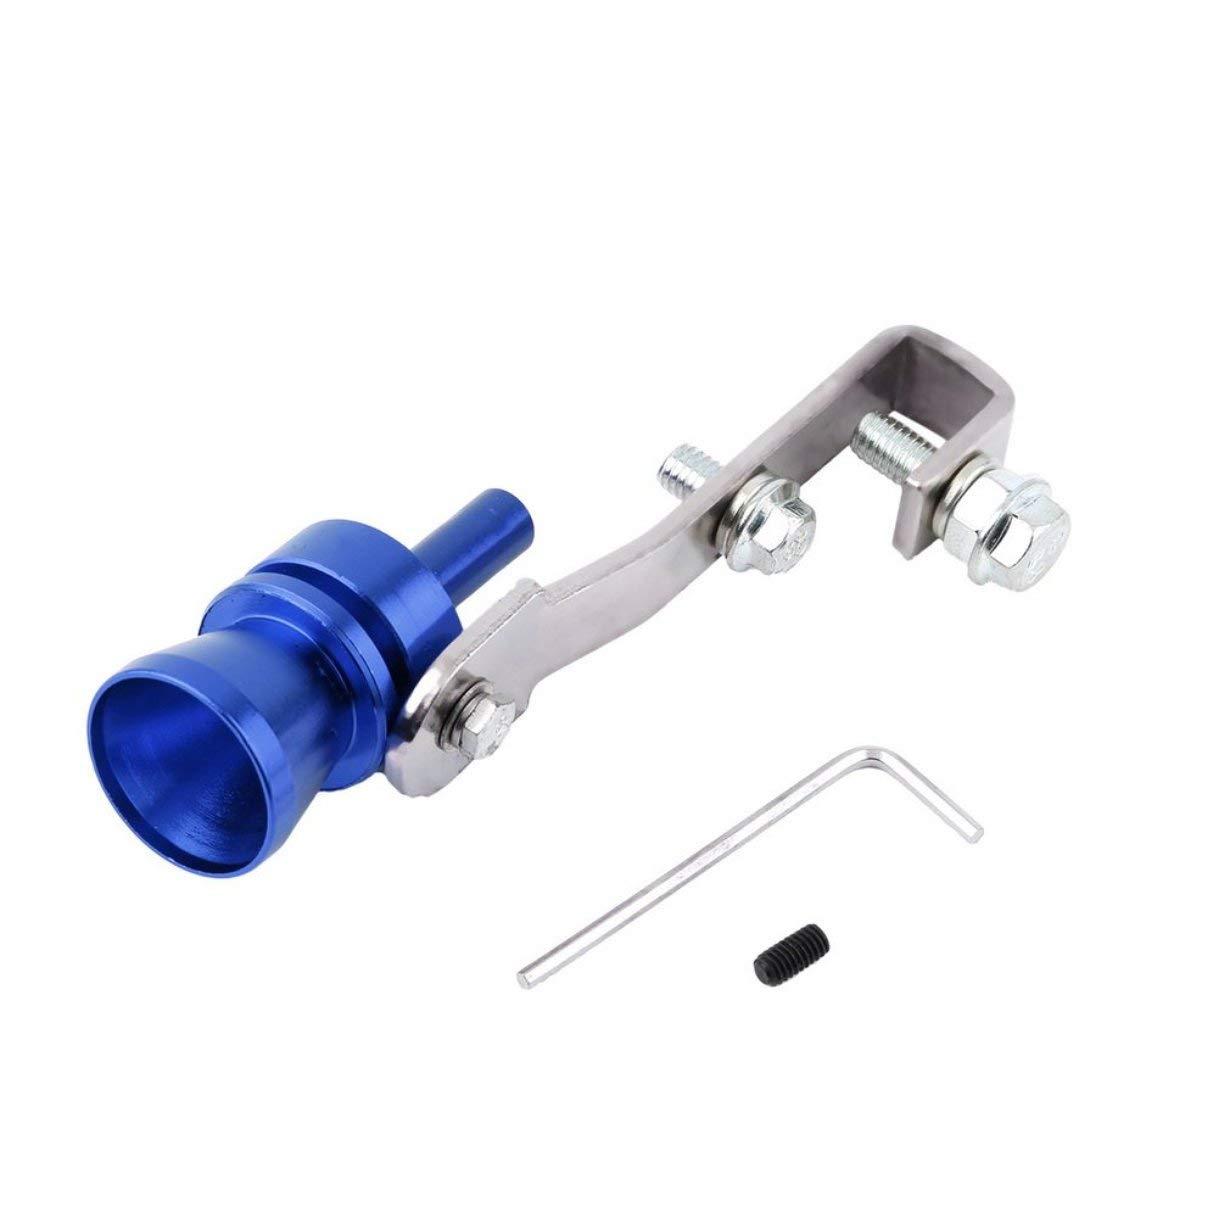 Alluminio universale auto Auto BOV Turbo suono fischietto tubo suono simulatore tubo tubo di scarico marmitta tubo UniqueHeart